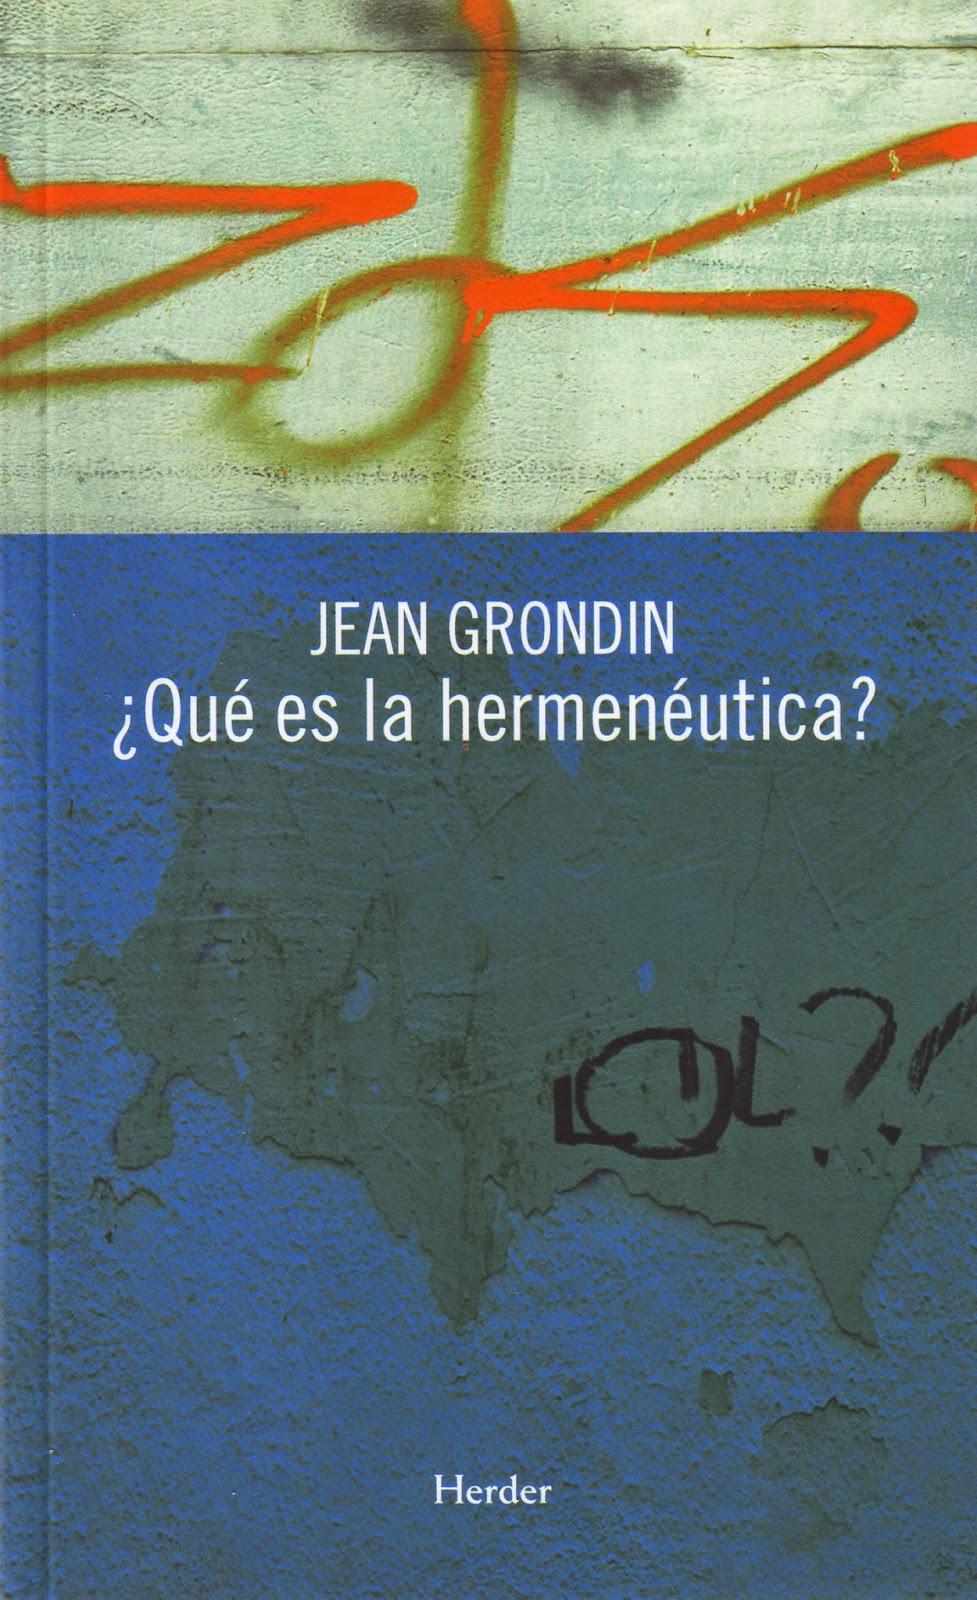 Jean Grondin-¿Qué Es La Hermenéutica?-